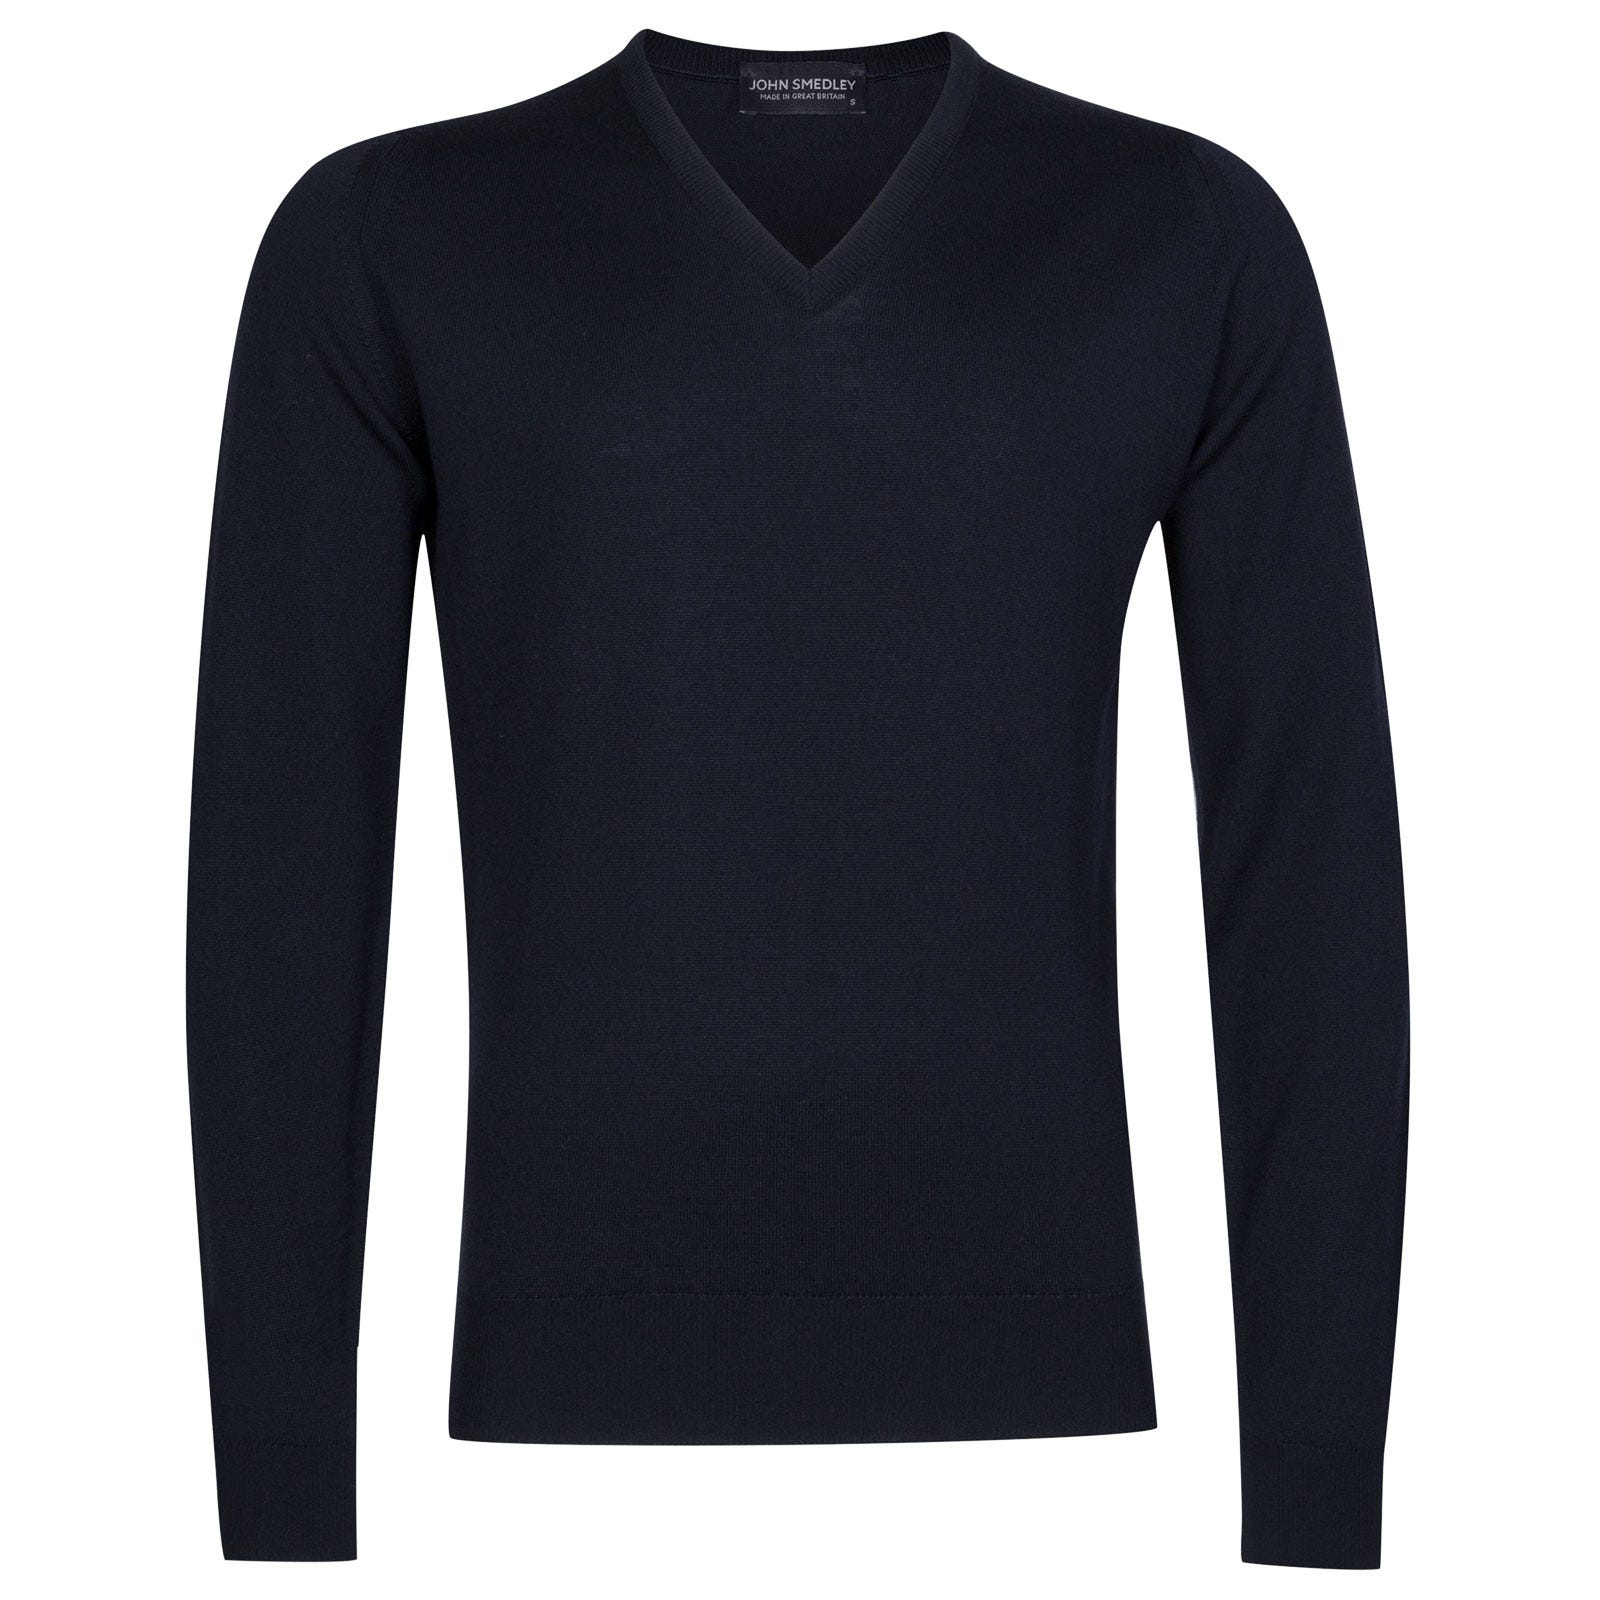 John Smedley Riber Merino Wool Pullover in Midnight-XL